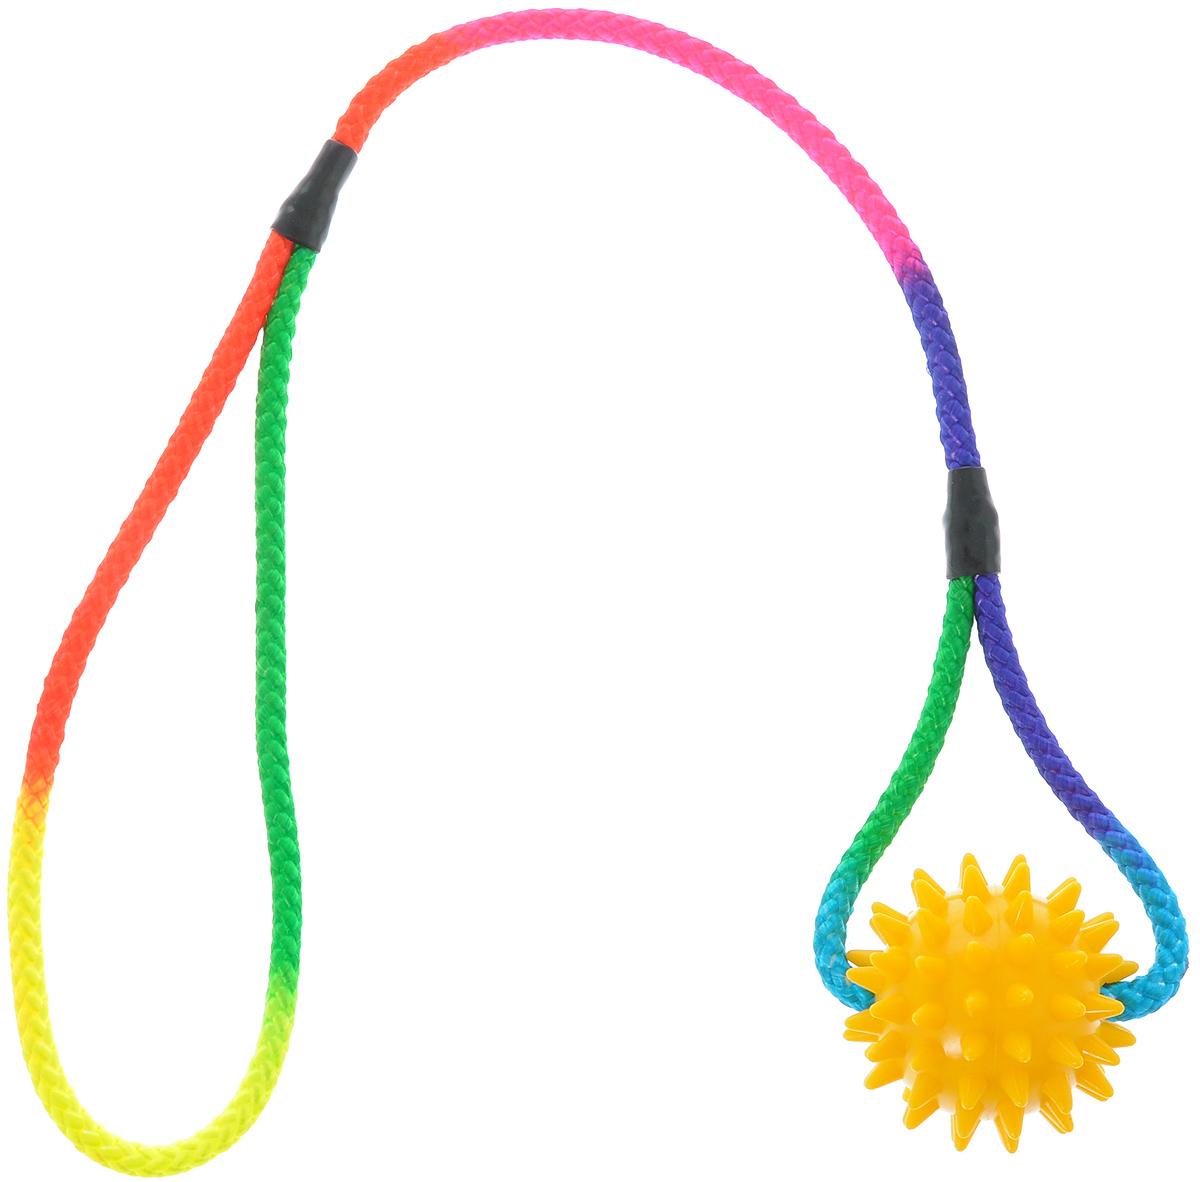 Игрушка для собак V.I.Pet Массажный мяч, на шнуре, цвет: желтый, диаметр 5,5 см0120710Игрушка для собак V.I.Pet Массажный мяч, изготовленная из ПВХ, предназначенадля массажа и самомассажа рефлексогенных зон. Она имеет мягкие закругленныемассажные шипы, эффективно массирующие и не травмирующие кожу. Сквозь мяч продет шнур.Игрушка не позволит скучать вашему питомцу ни дома, ни на улице.Диаметр: 5,5 см.Длина шнура: 50 см.